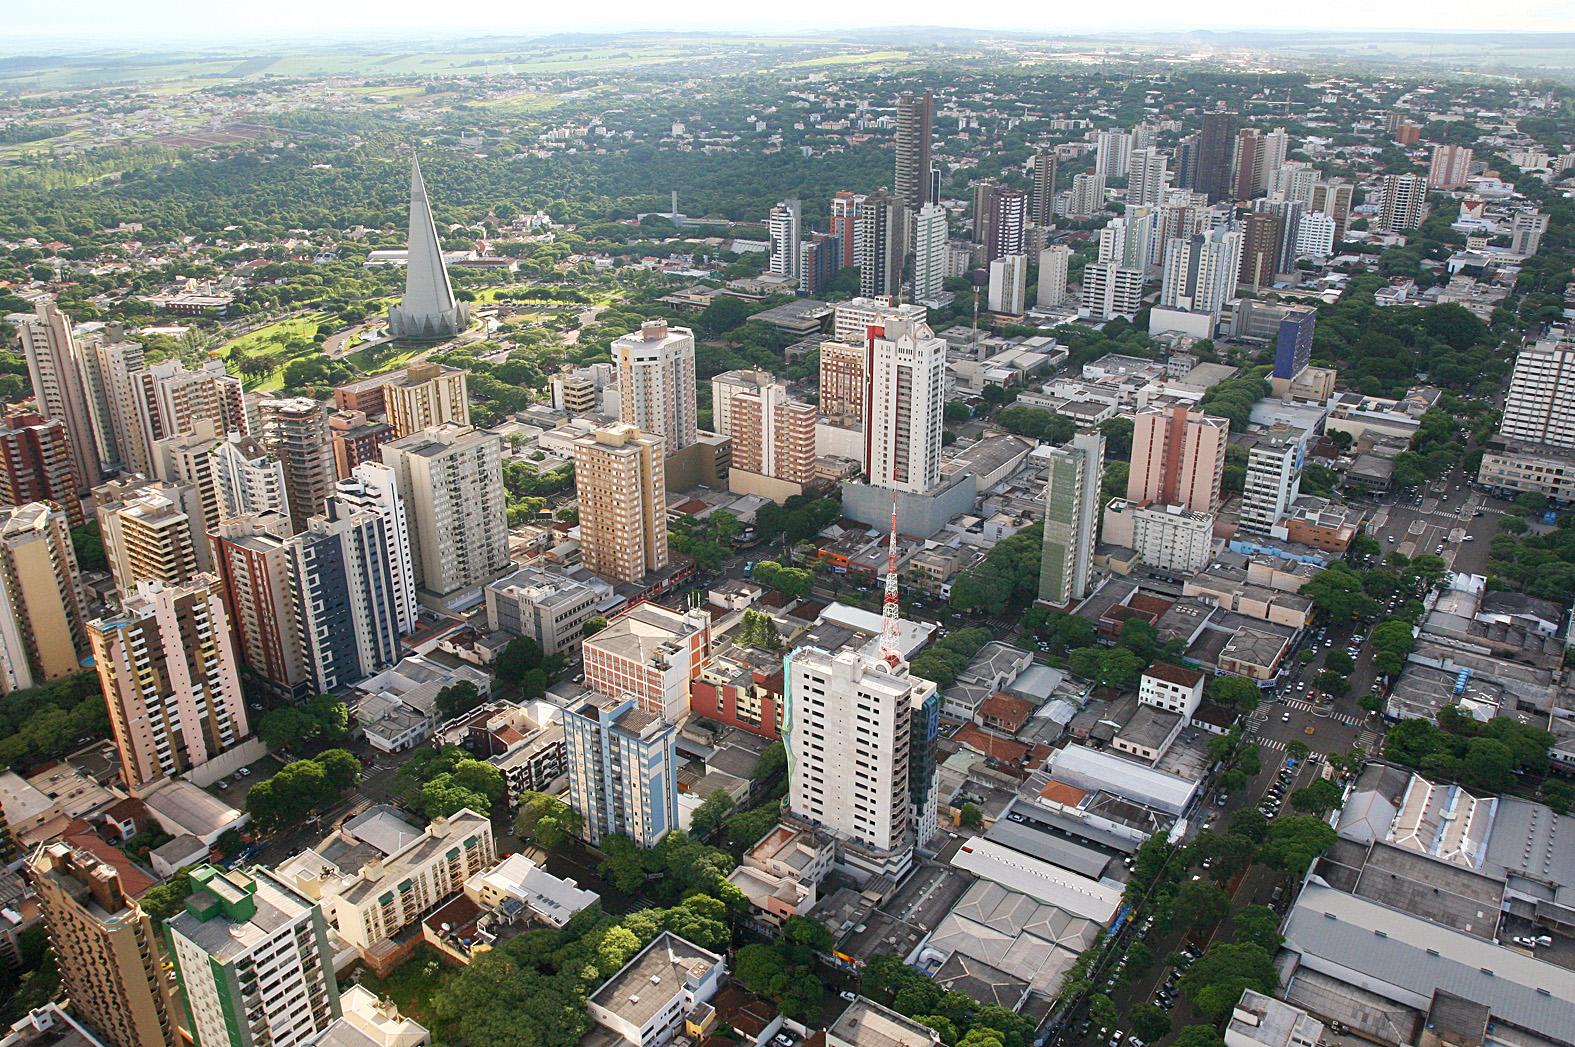 Análise da cidade de Maringá/PR